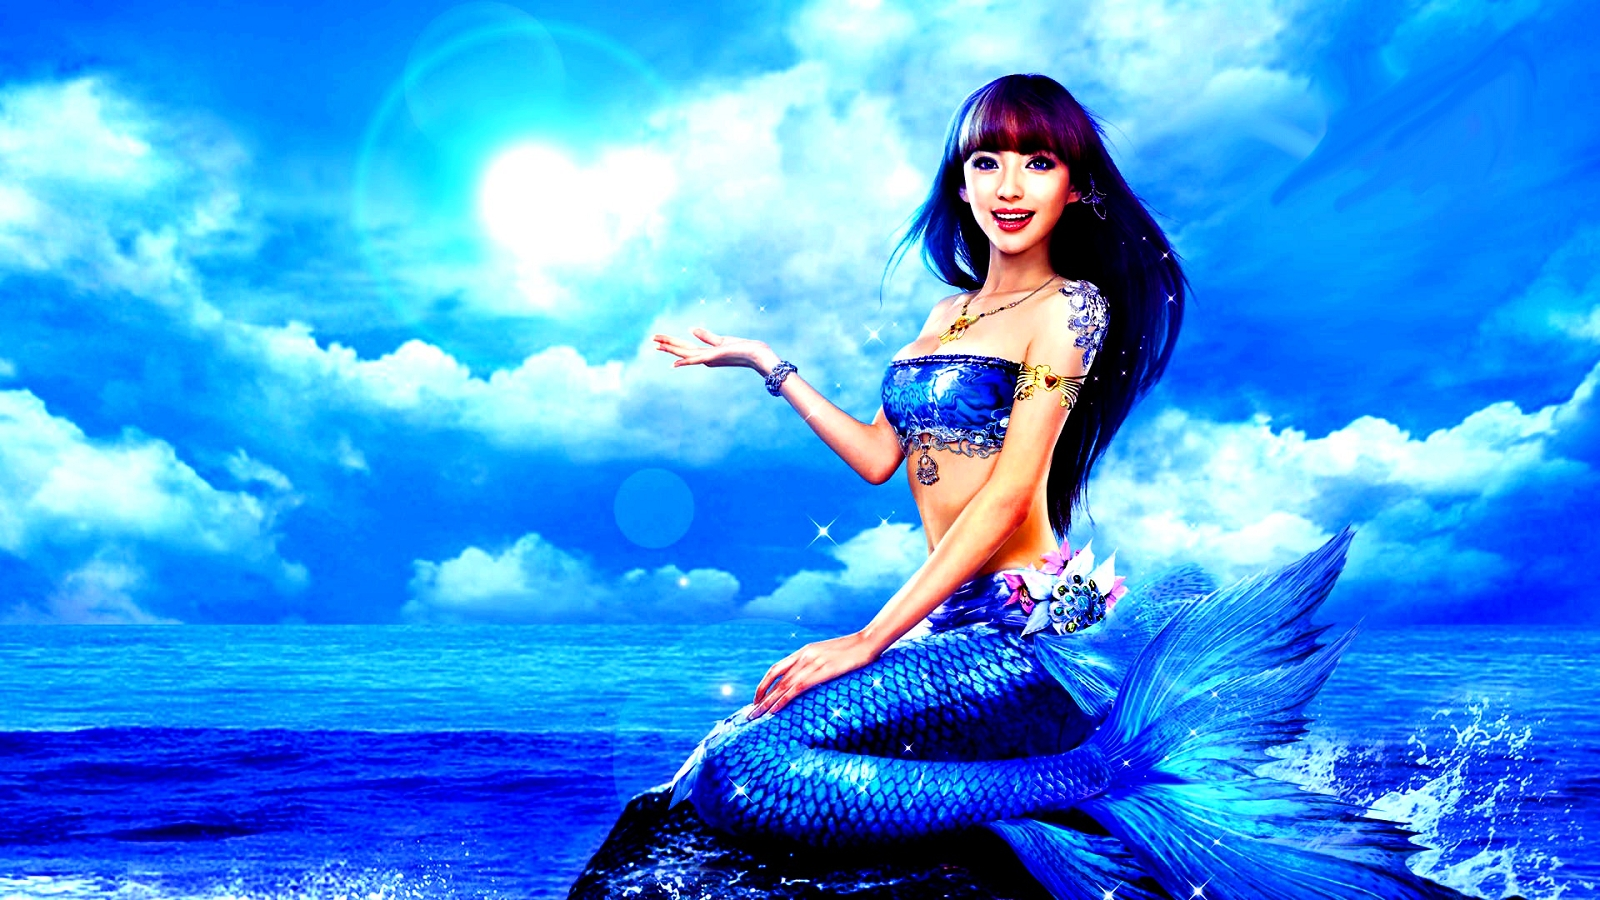 Images of Mermaid   1600x900